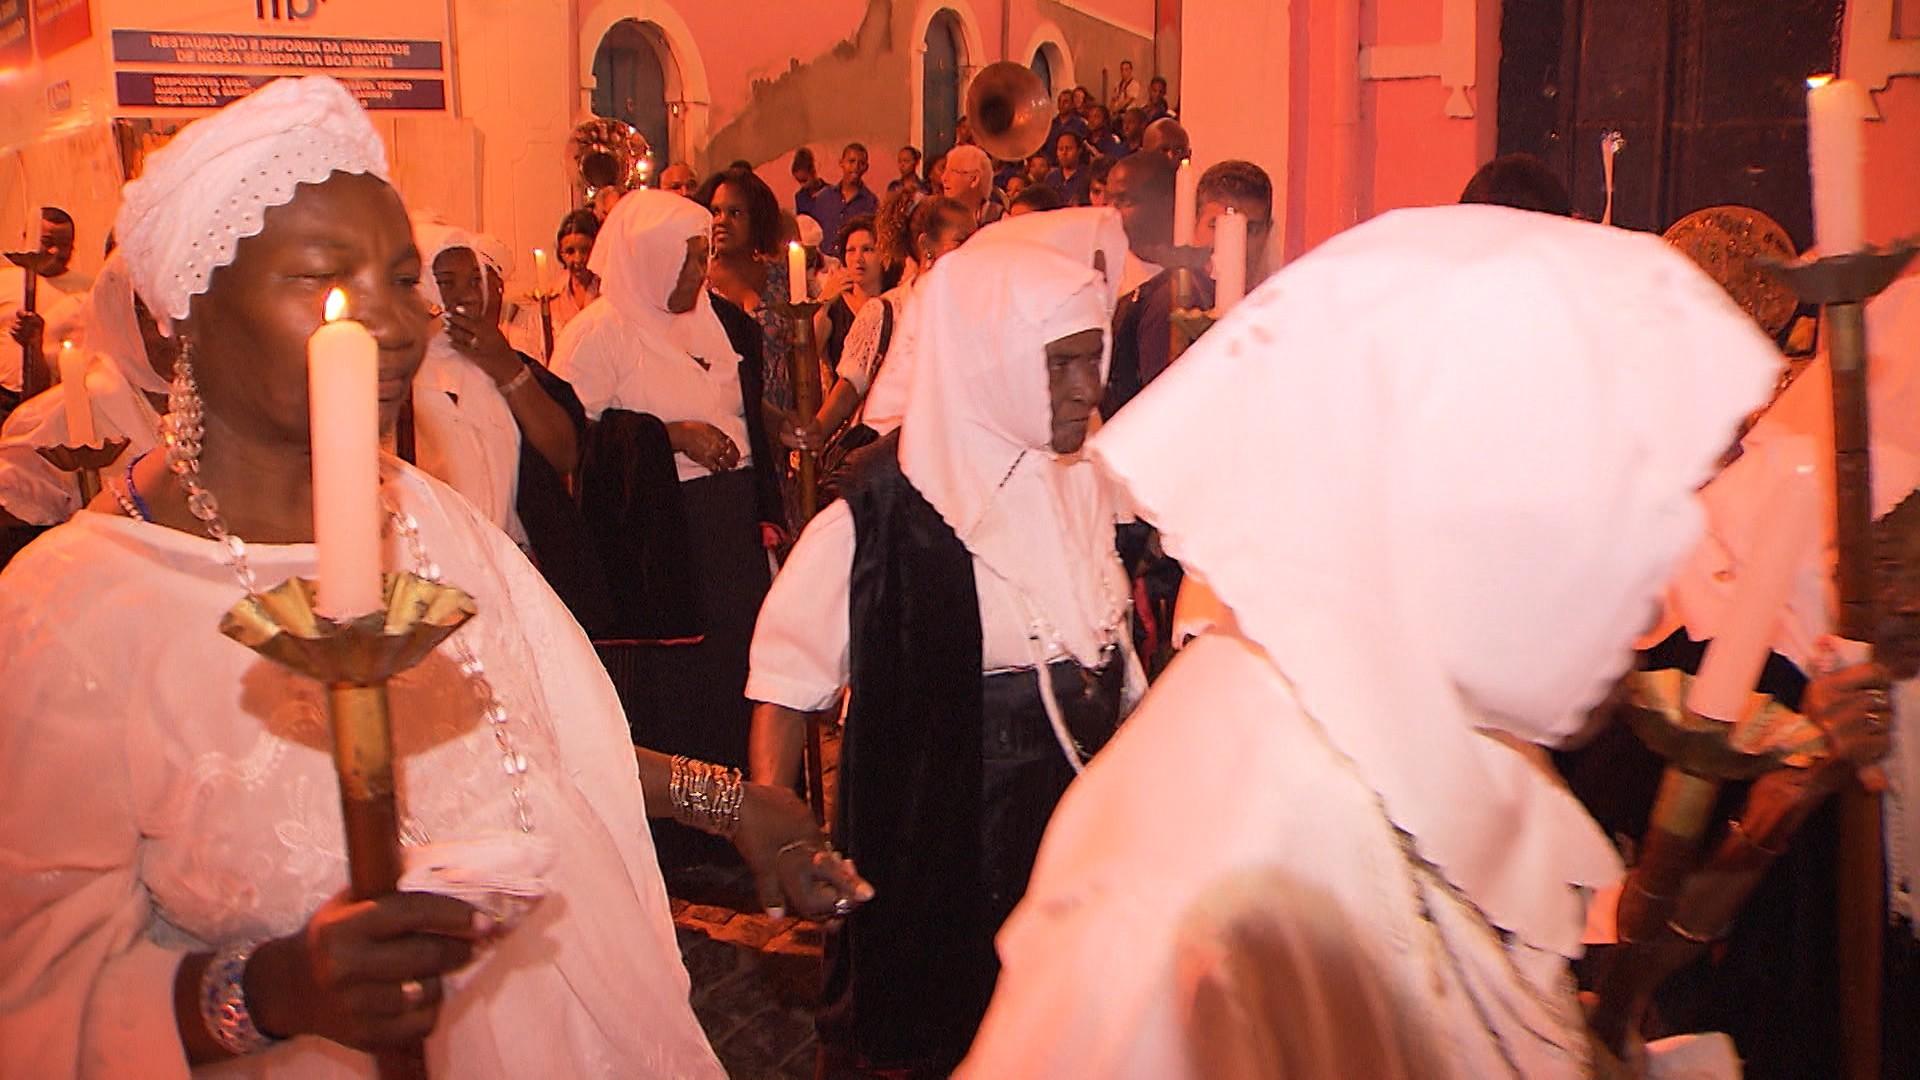 Tradição e religiosidade fazem parte do cenário da Festa da Boa Morte, em Cachoeira (Foto: Divulgação)